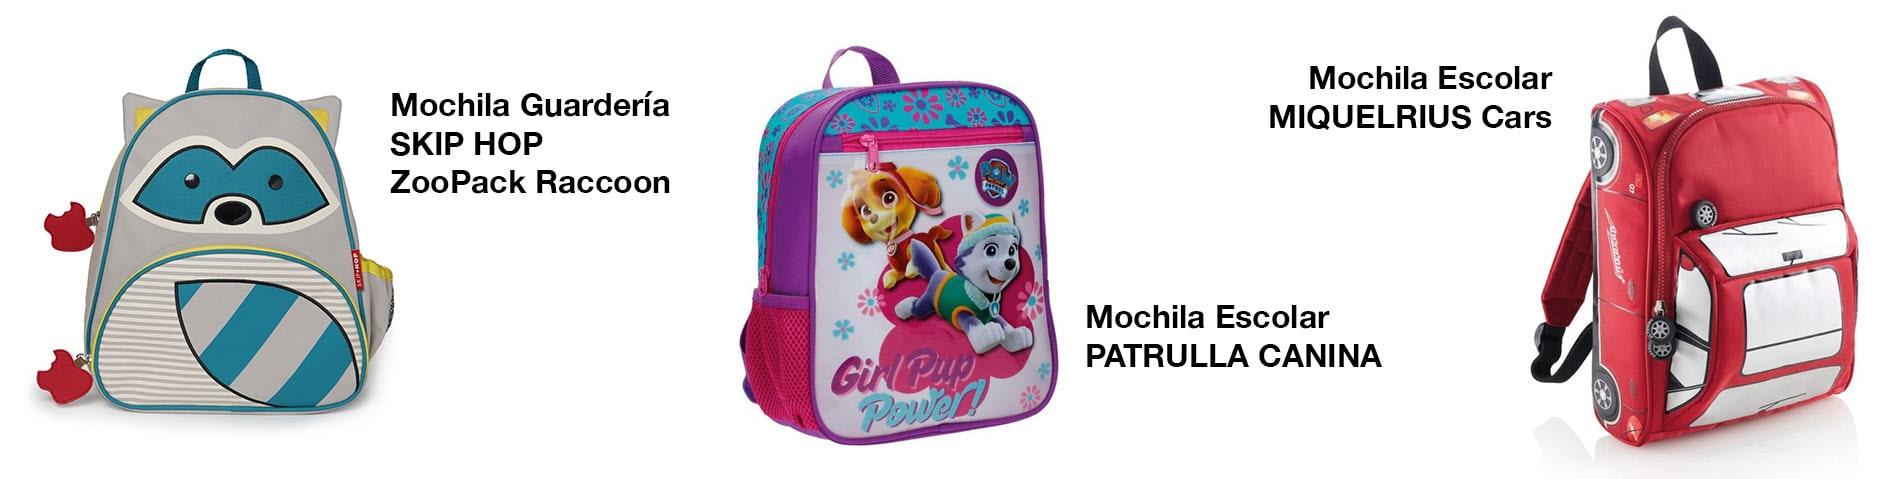 mochilas_infantiles